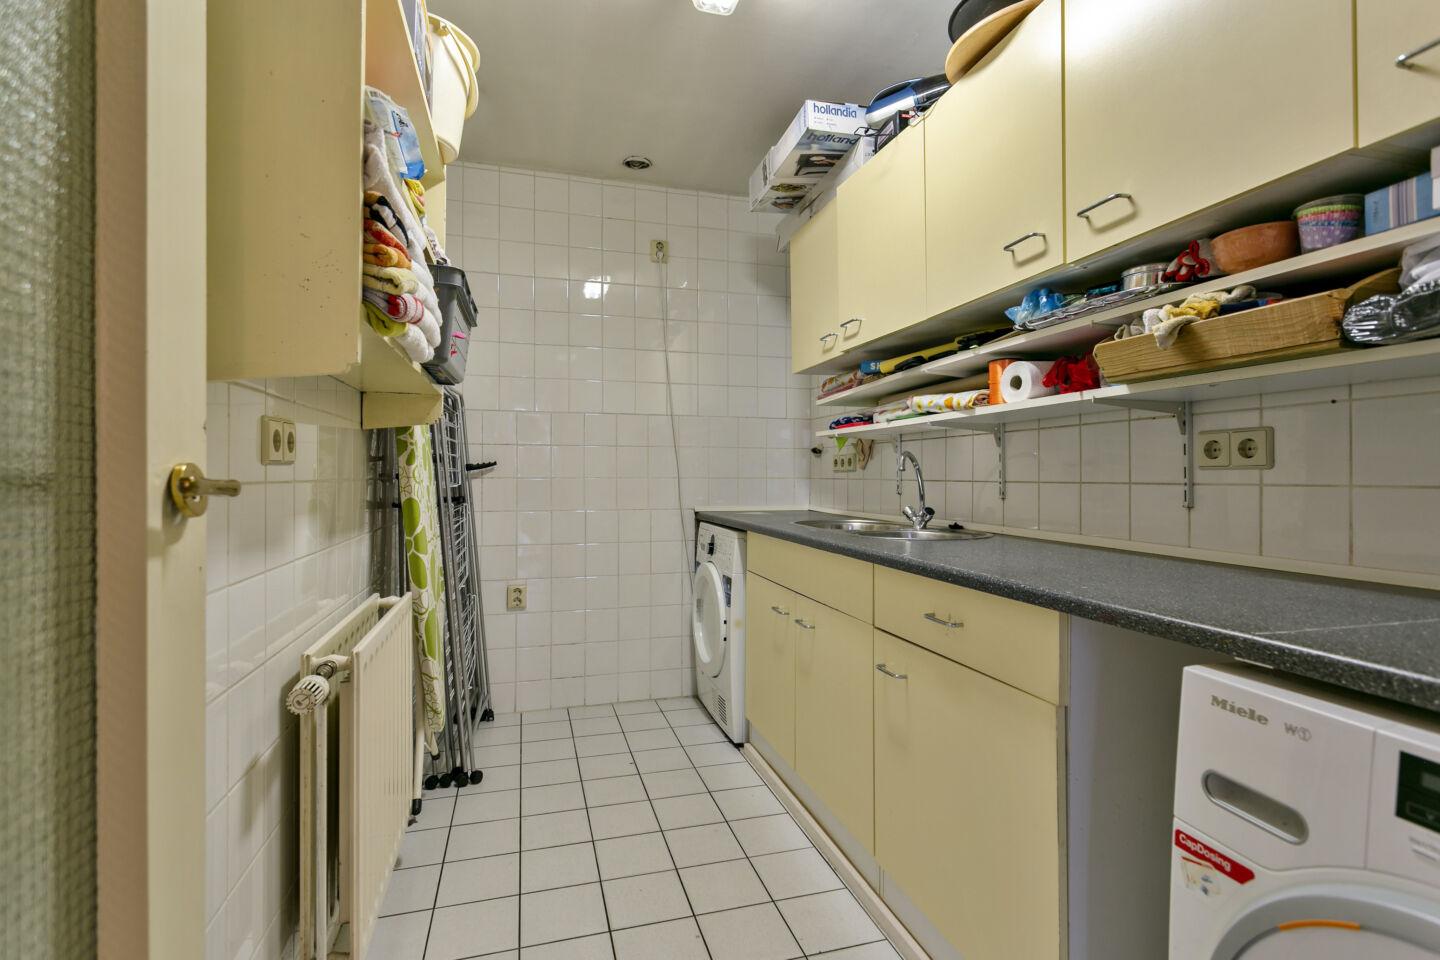 27116-lievevrouwestraat_46-bergen_op_zoom-1098653764